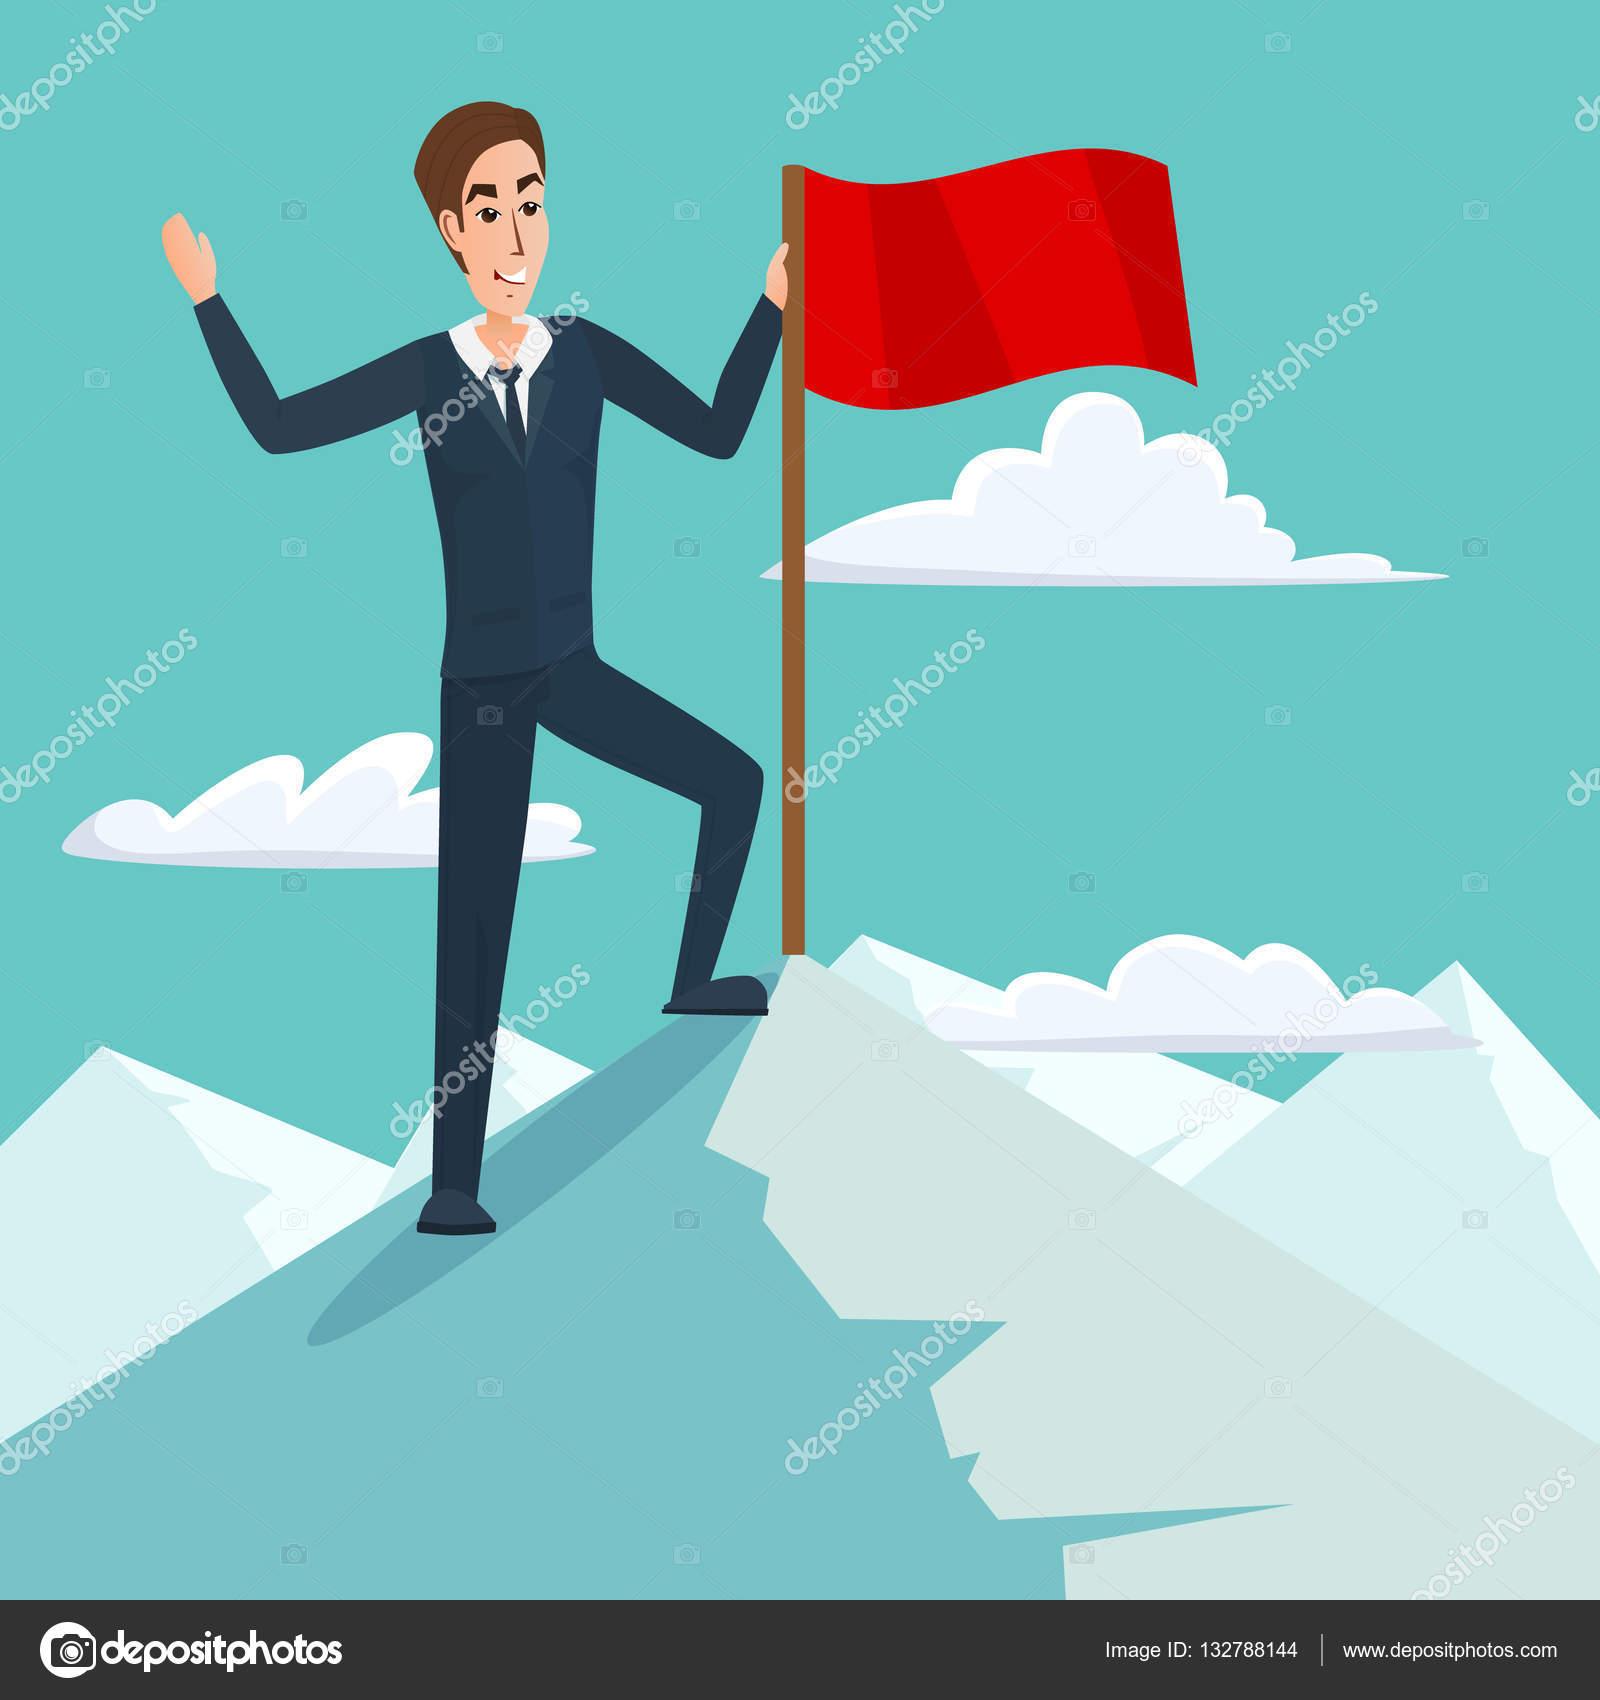 Empresario con bandera en el pico de la montaña, éxito y misión, motivación  de Victoria blanco, ganador en la parte superior. Concepto de negocio de  dibujos ...